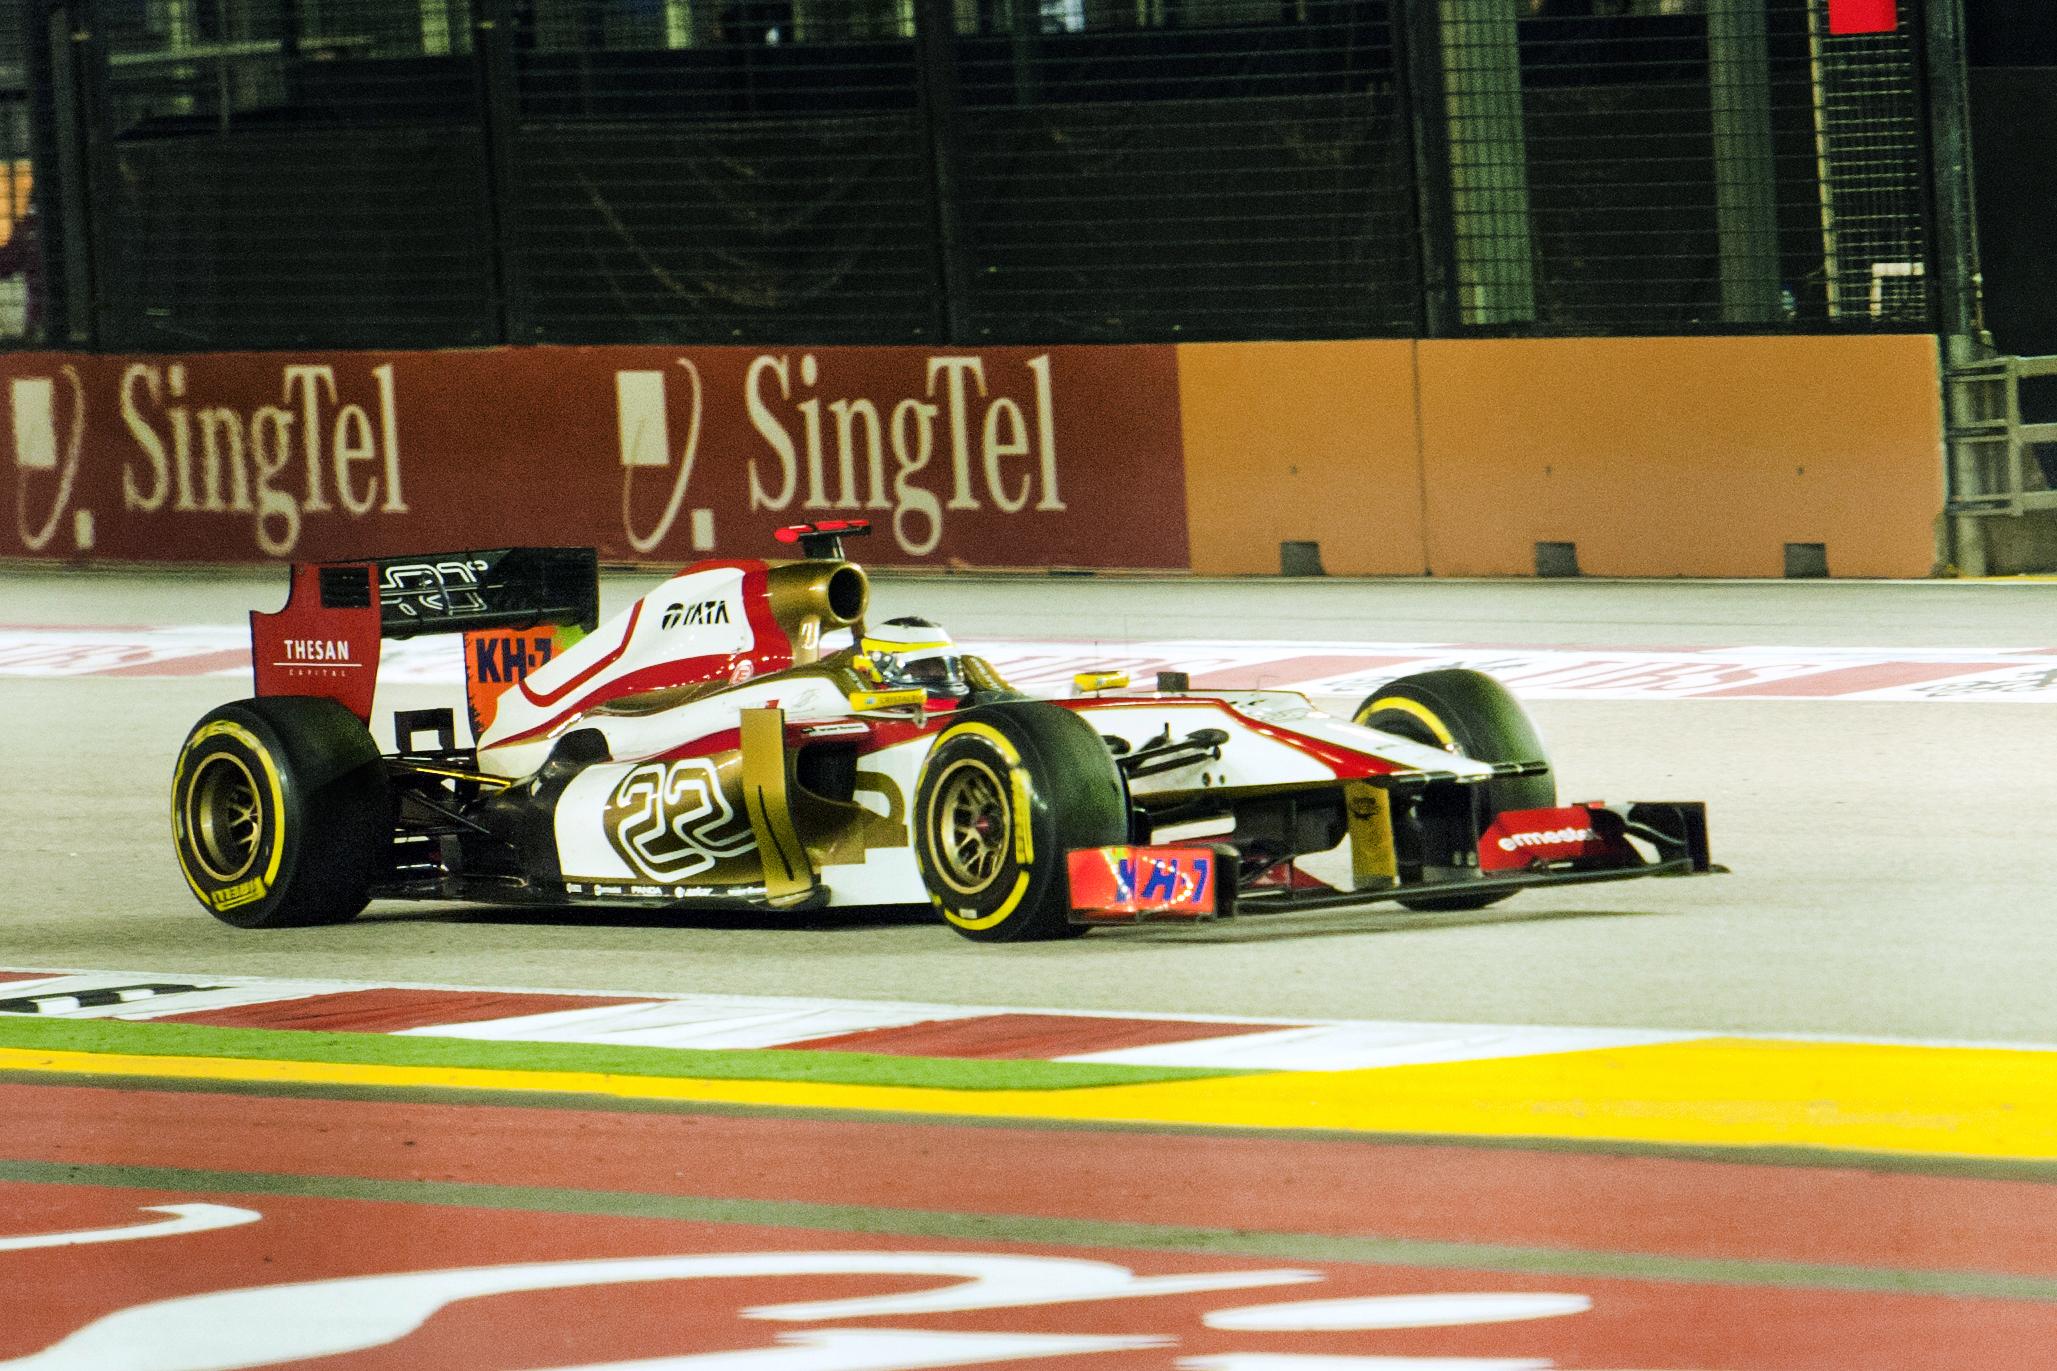 2012_Singapore_GP_-_de_la_Rosa.jpg